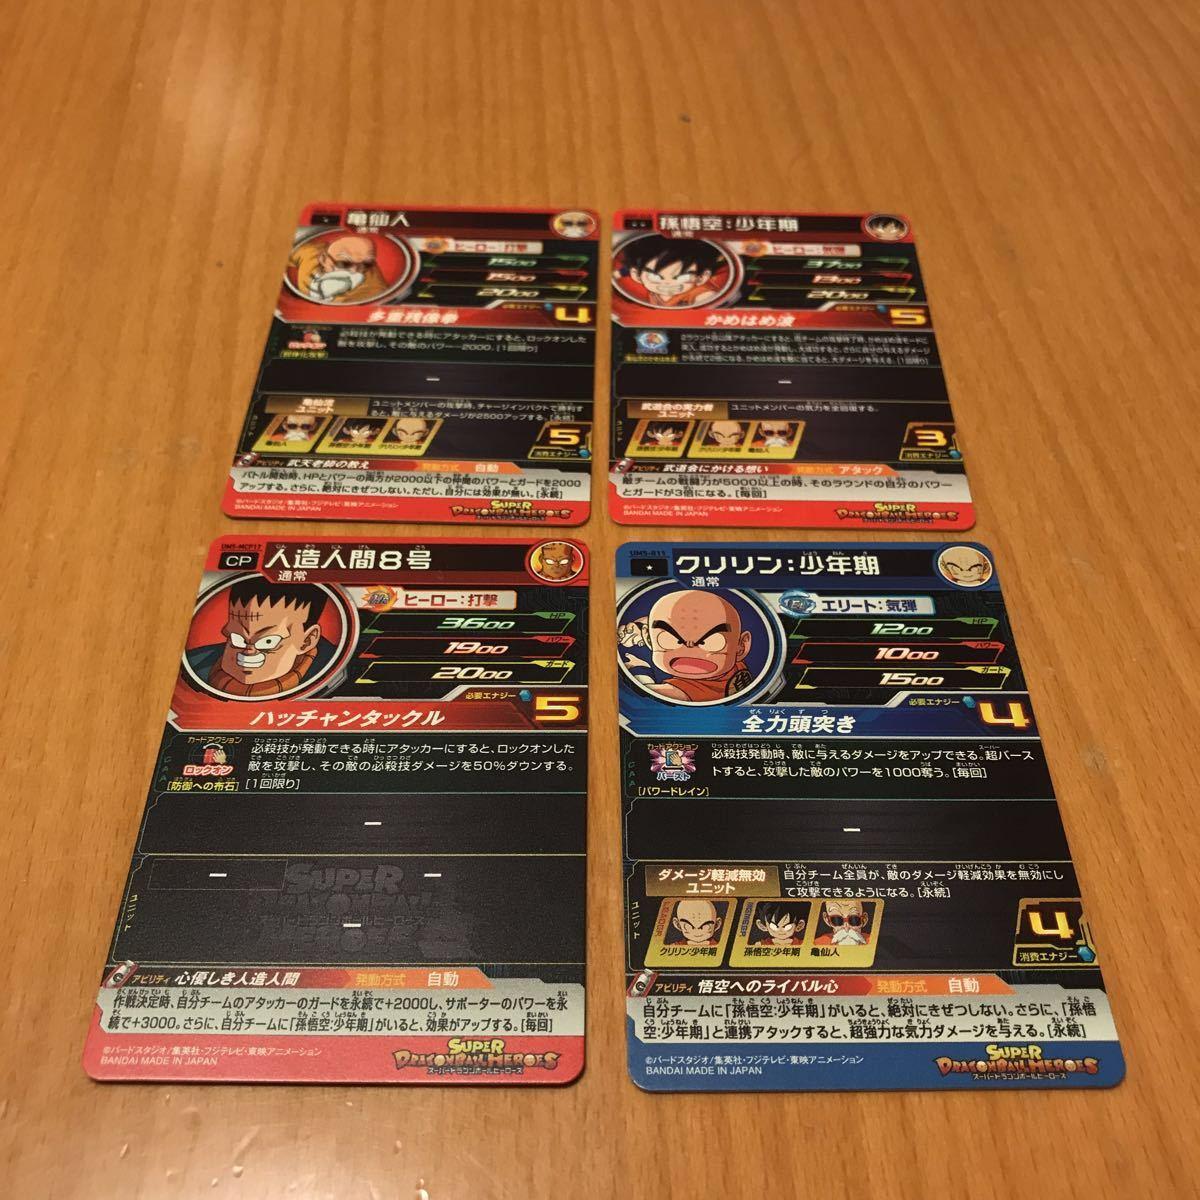 超級龍珠英雄安卓8號UM5-MCP17兒子悟空男孩UM 5-010 Kame Sennin UM 5-013 Kuririn男孩UM 5-011 4件套 編號:o278362442